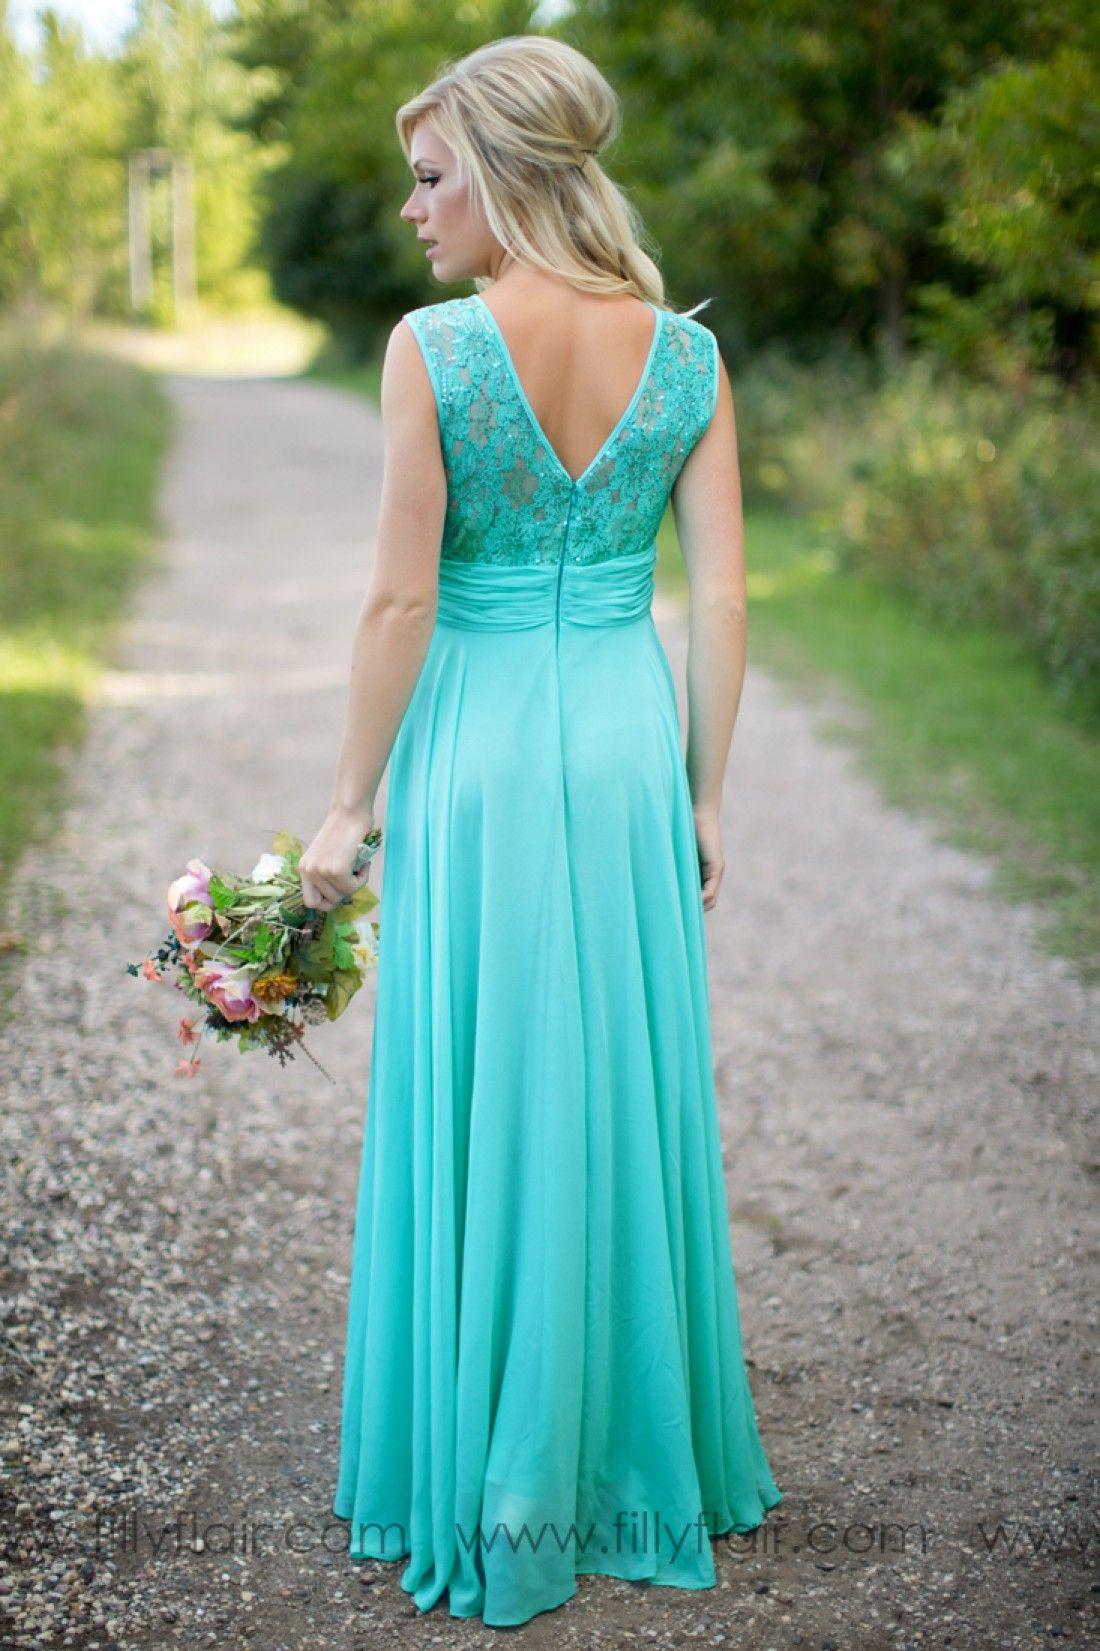 2019 Бирюзовые платья невесты Прозрачный шею с драгоценными камнями и кружевным топом Шифон Длинные платья подружек невесты Свадебные платья для подружек невесты